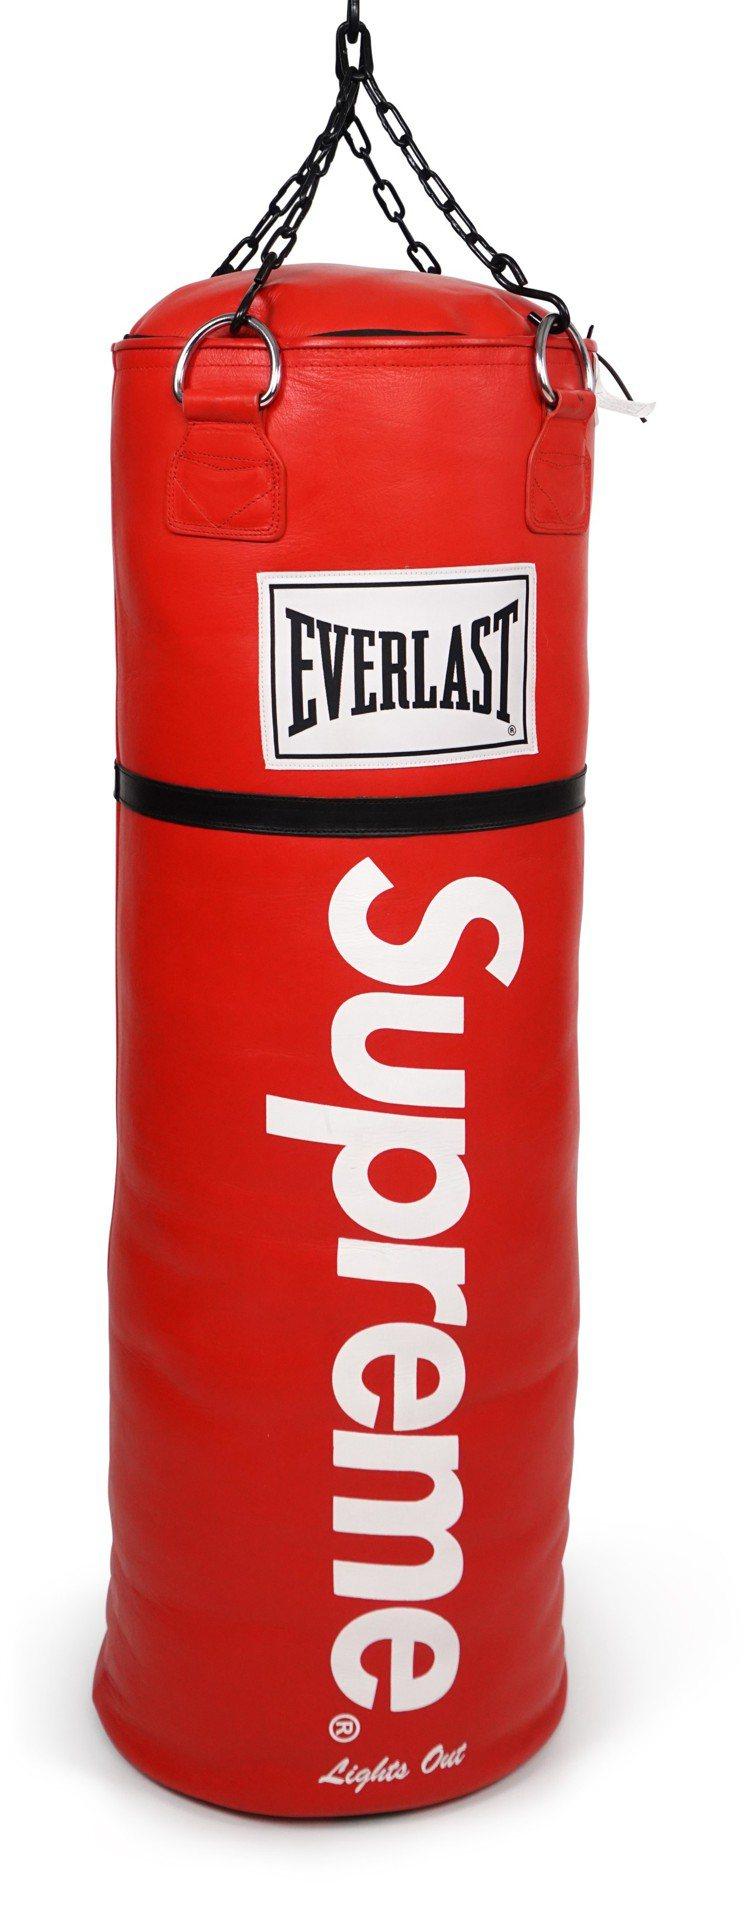 SUPREME X EVERLAST拳擊沙袋,估價約31萬元起。SUPREME創...